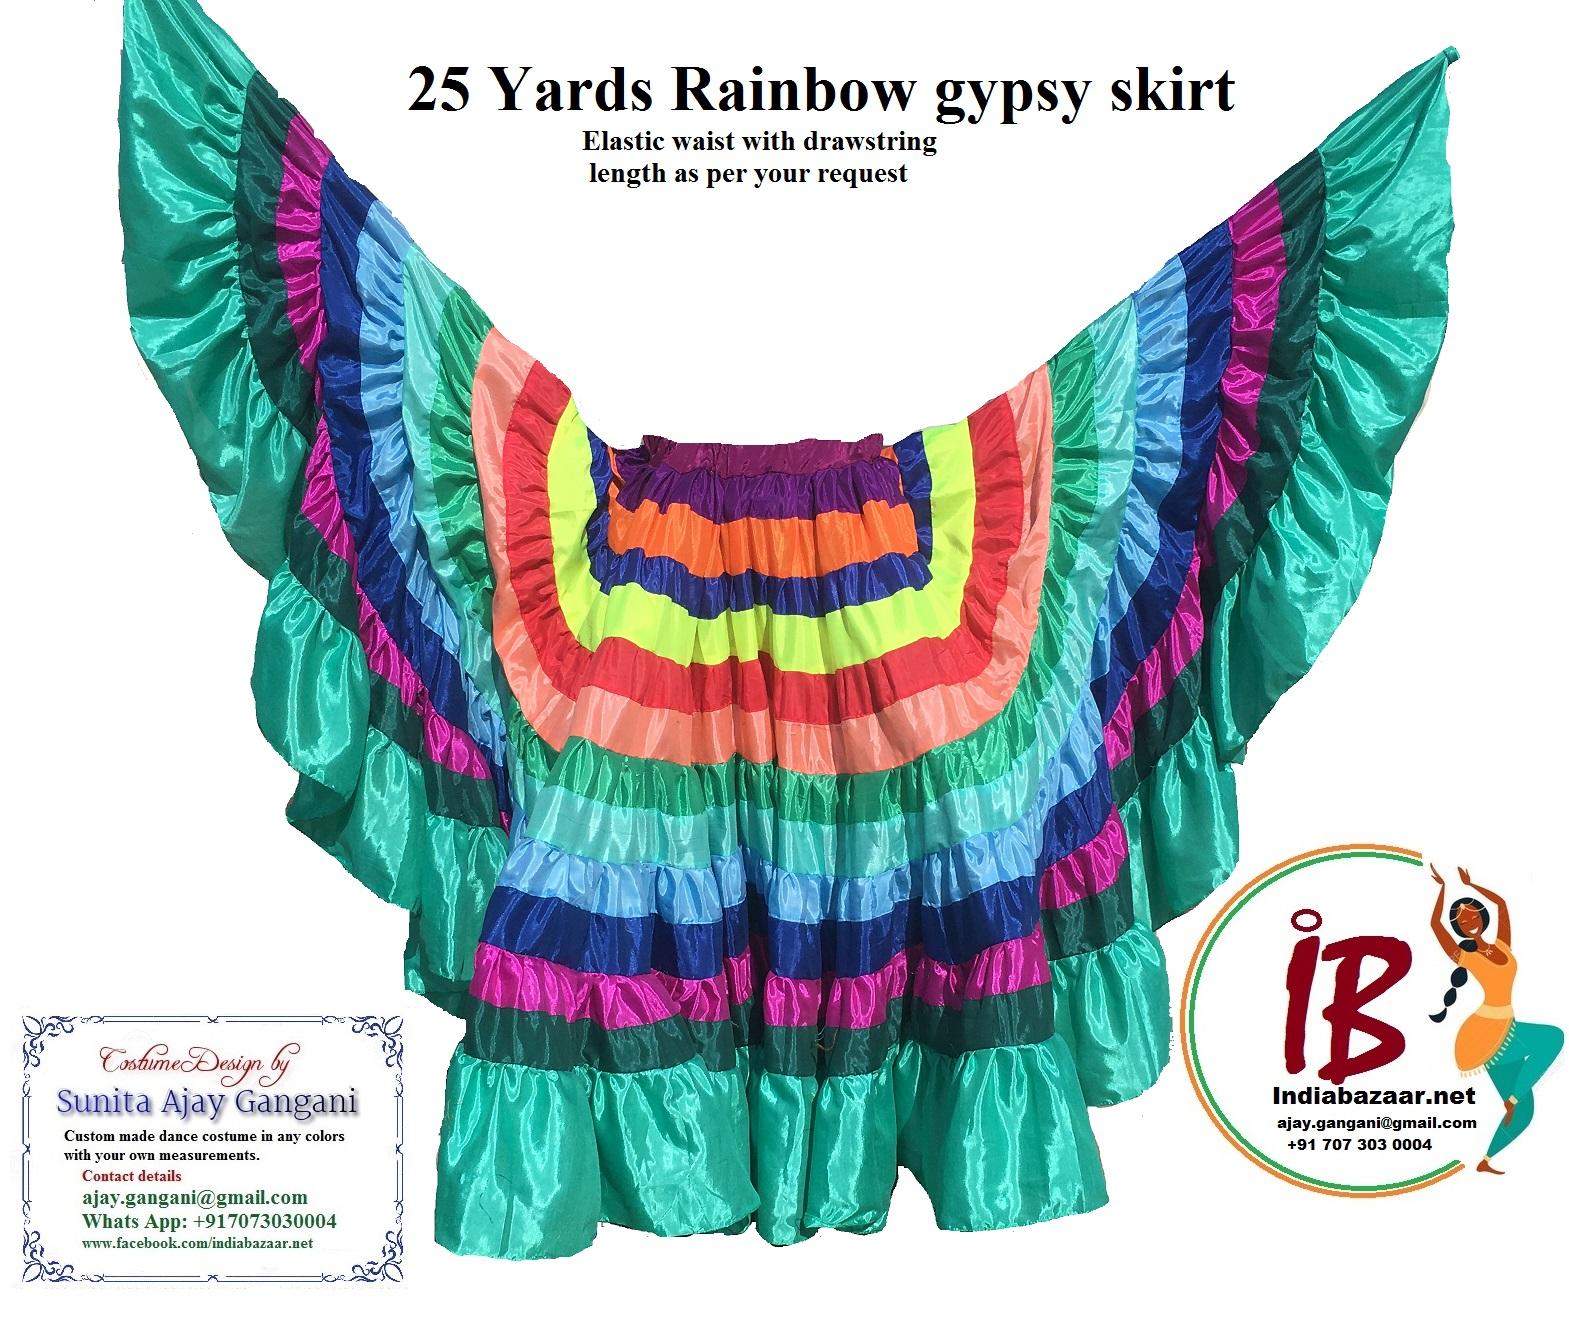 gypsy skirt offer 36